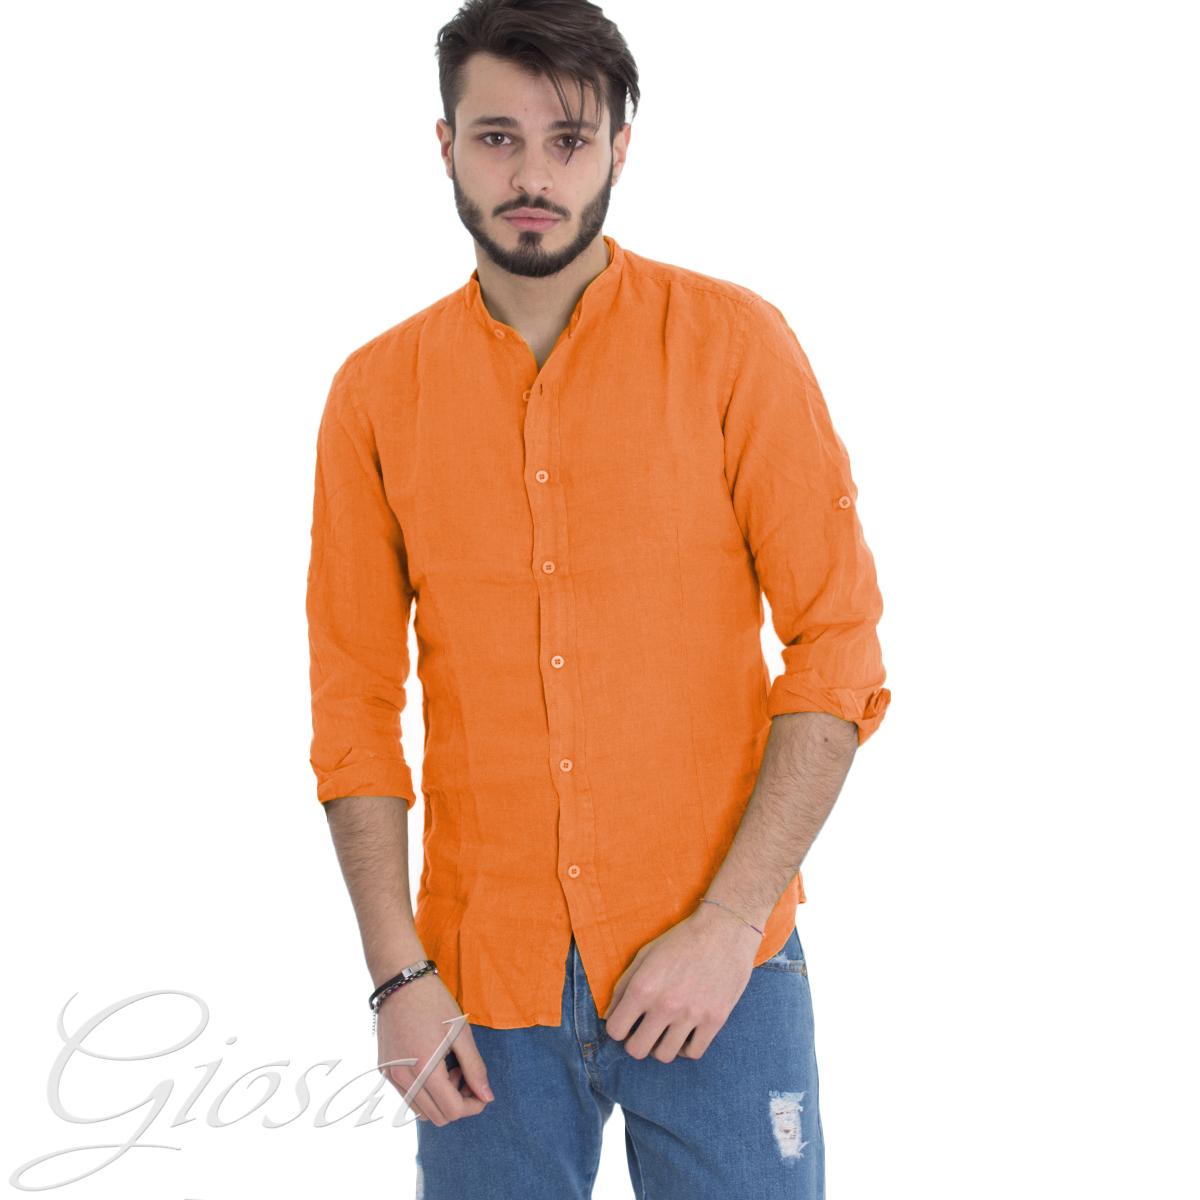 Camicia-Uomo-Collo-Coreano-Tinta-Unita-Arancione-Lino-Maniche-Lunghe-GIOSAL miniatura 7